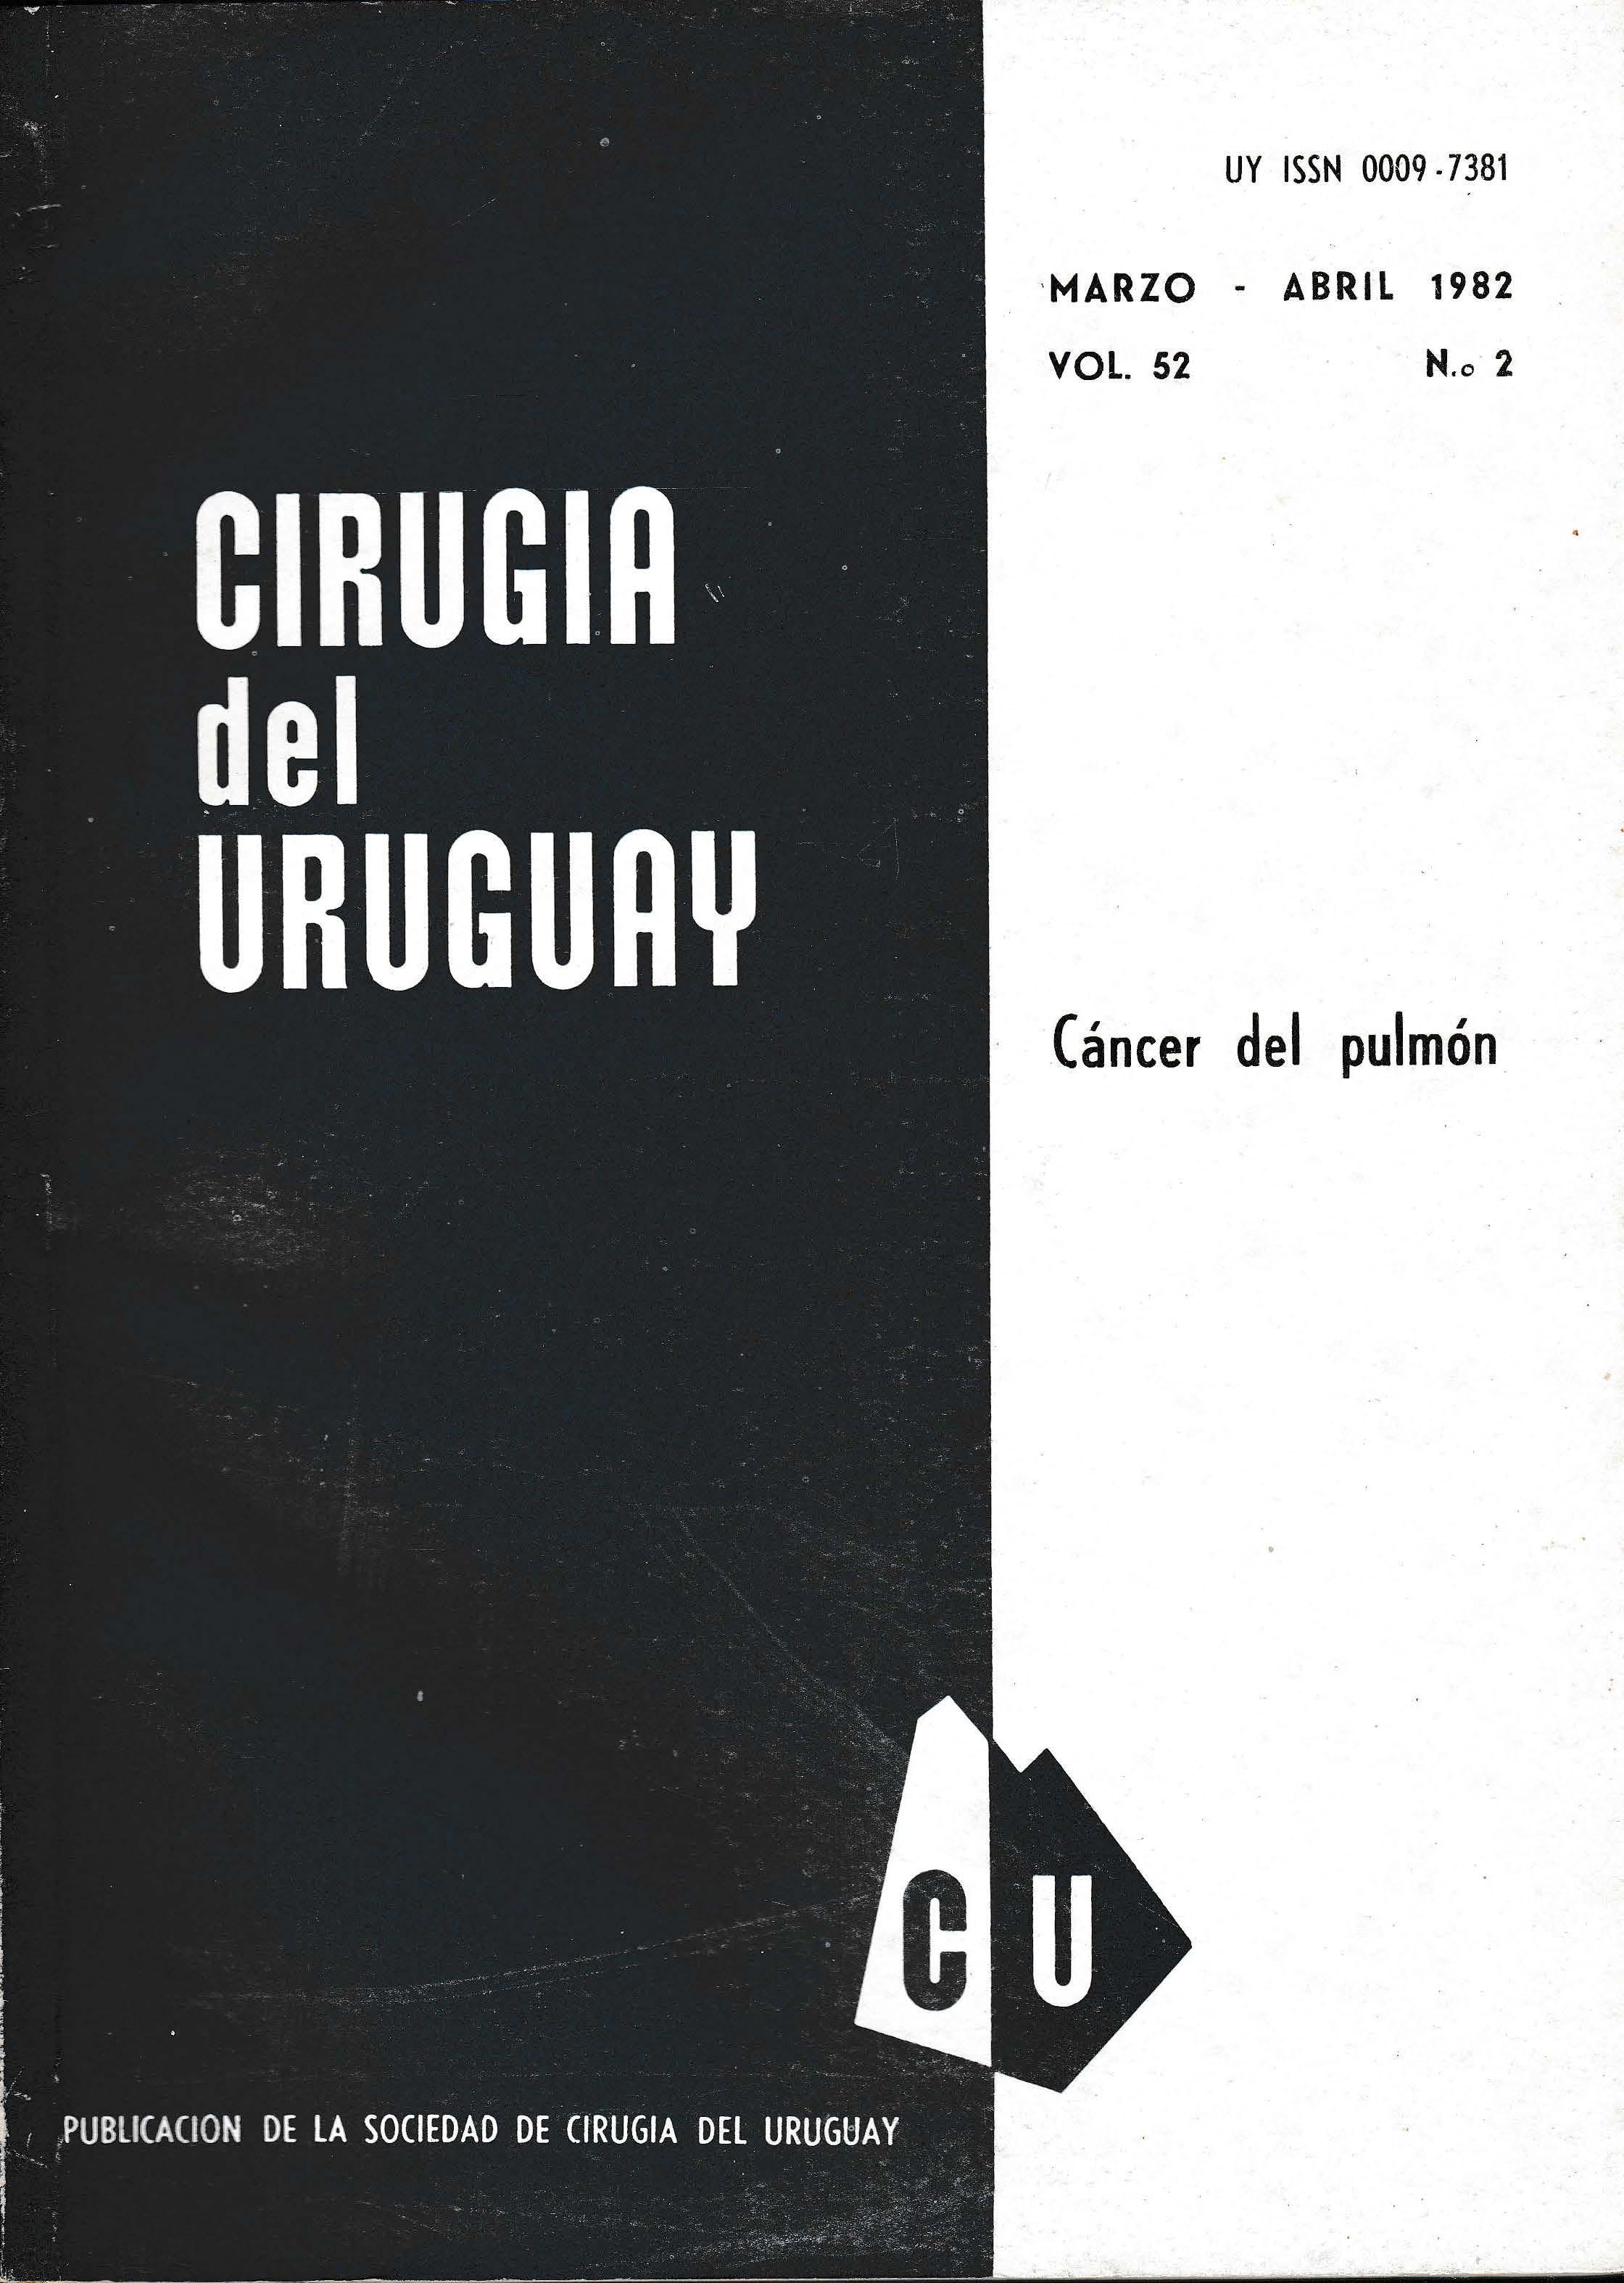 Ver Vol. 52 Núm. 2 (1982): Cirugía del Uruguay